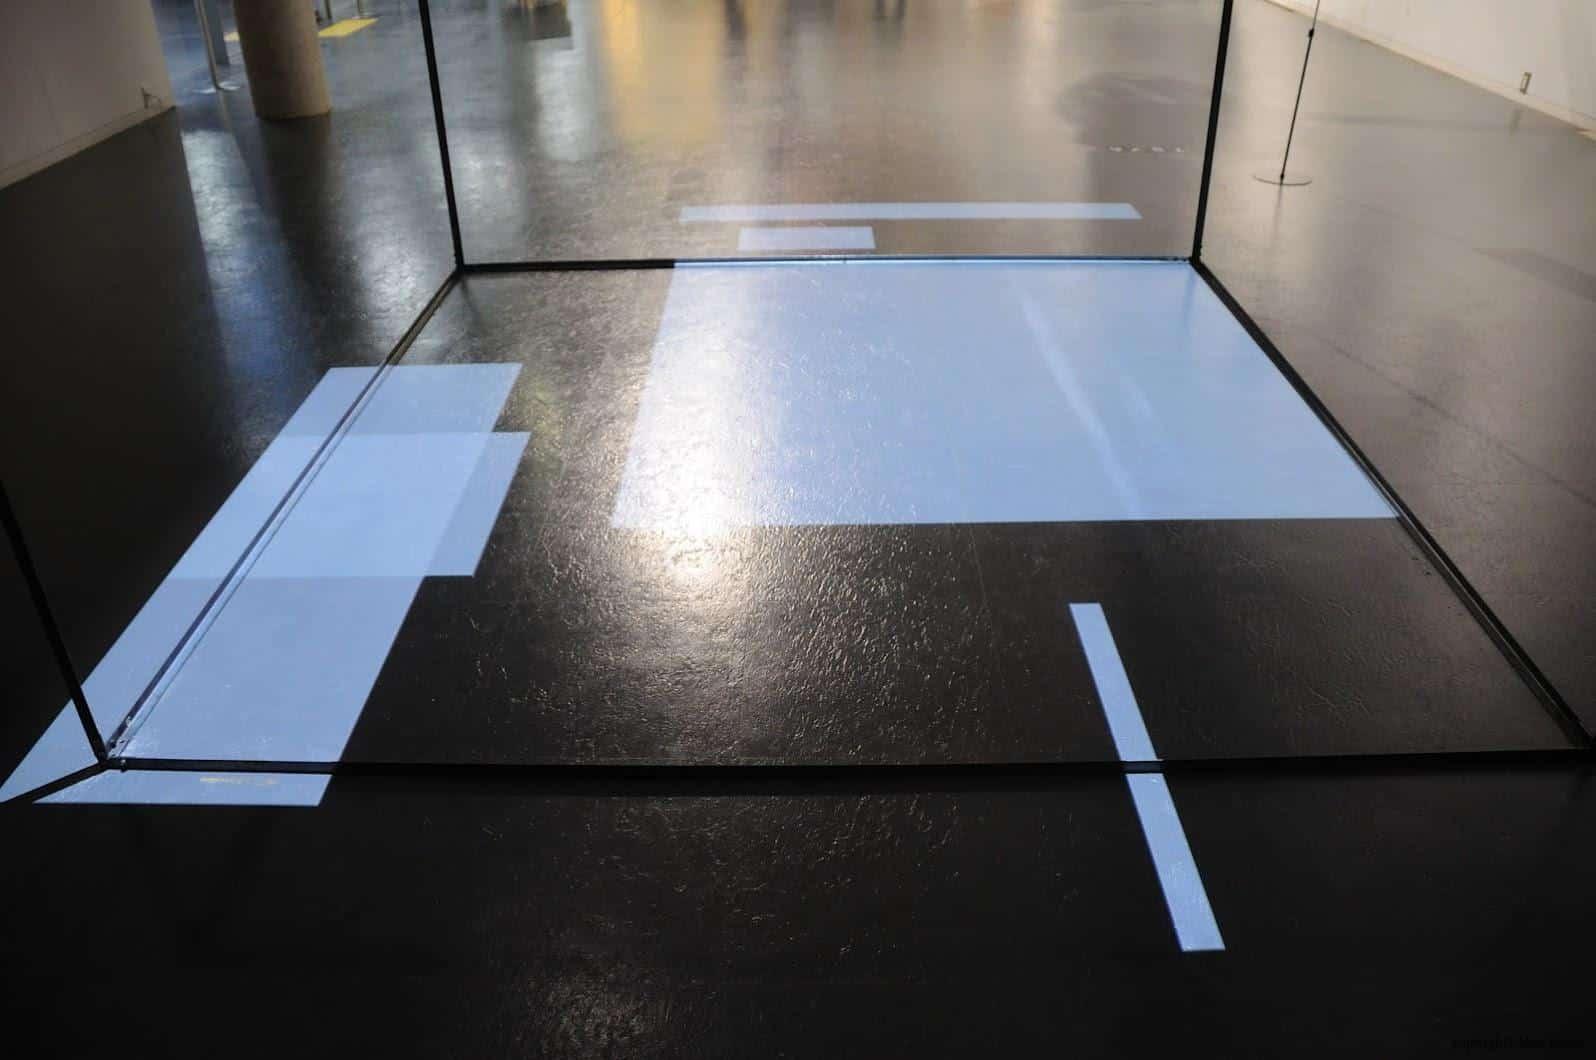 原廣司+ATELIER建築研究所,越後妻有里山現代美術館,透過上面投影機的移動,在下面形成多方塊與線條的消長,也是唯一的視覺影像作品 越後妻有里山現代美術館 越後妻有里山現代美術館 echigo tsumari kouryukan echigo tsumari exchange center 13